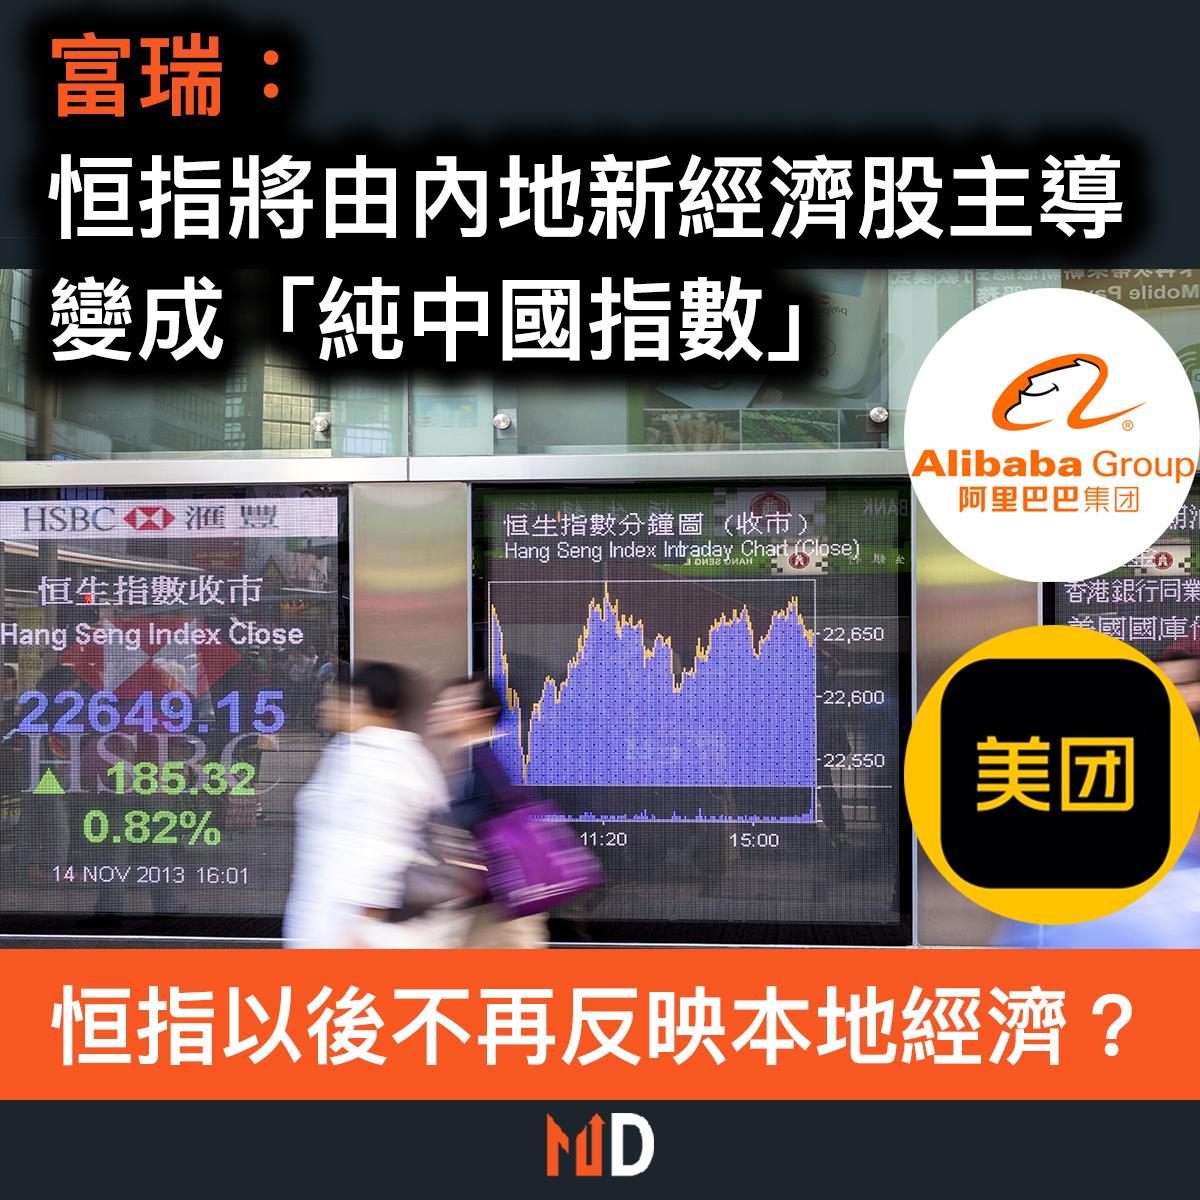 【市場熱話】富瑞:恒指將改由內地新經濟股主導,變成「純中國指數」